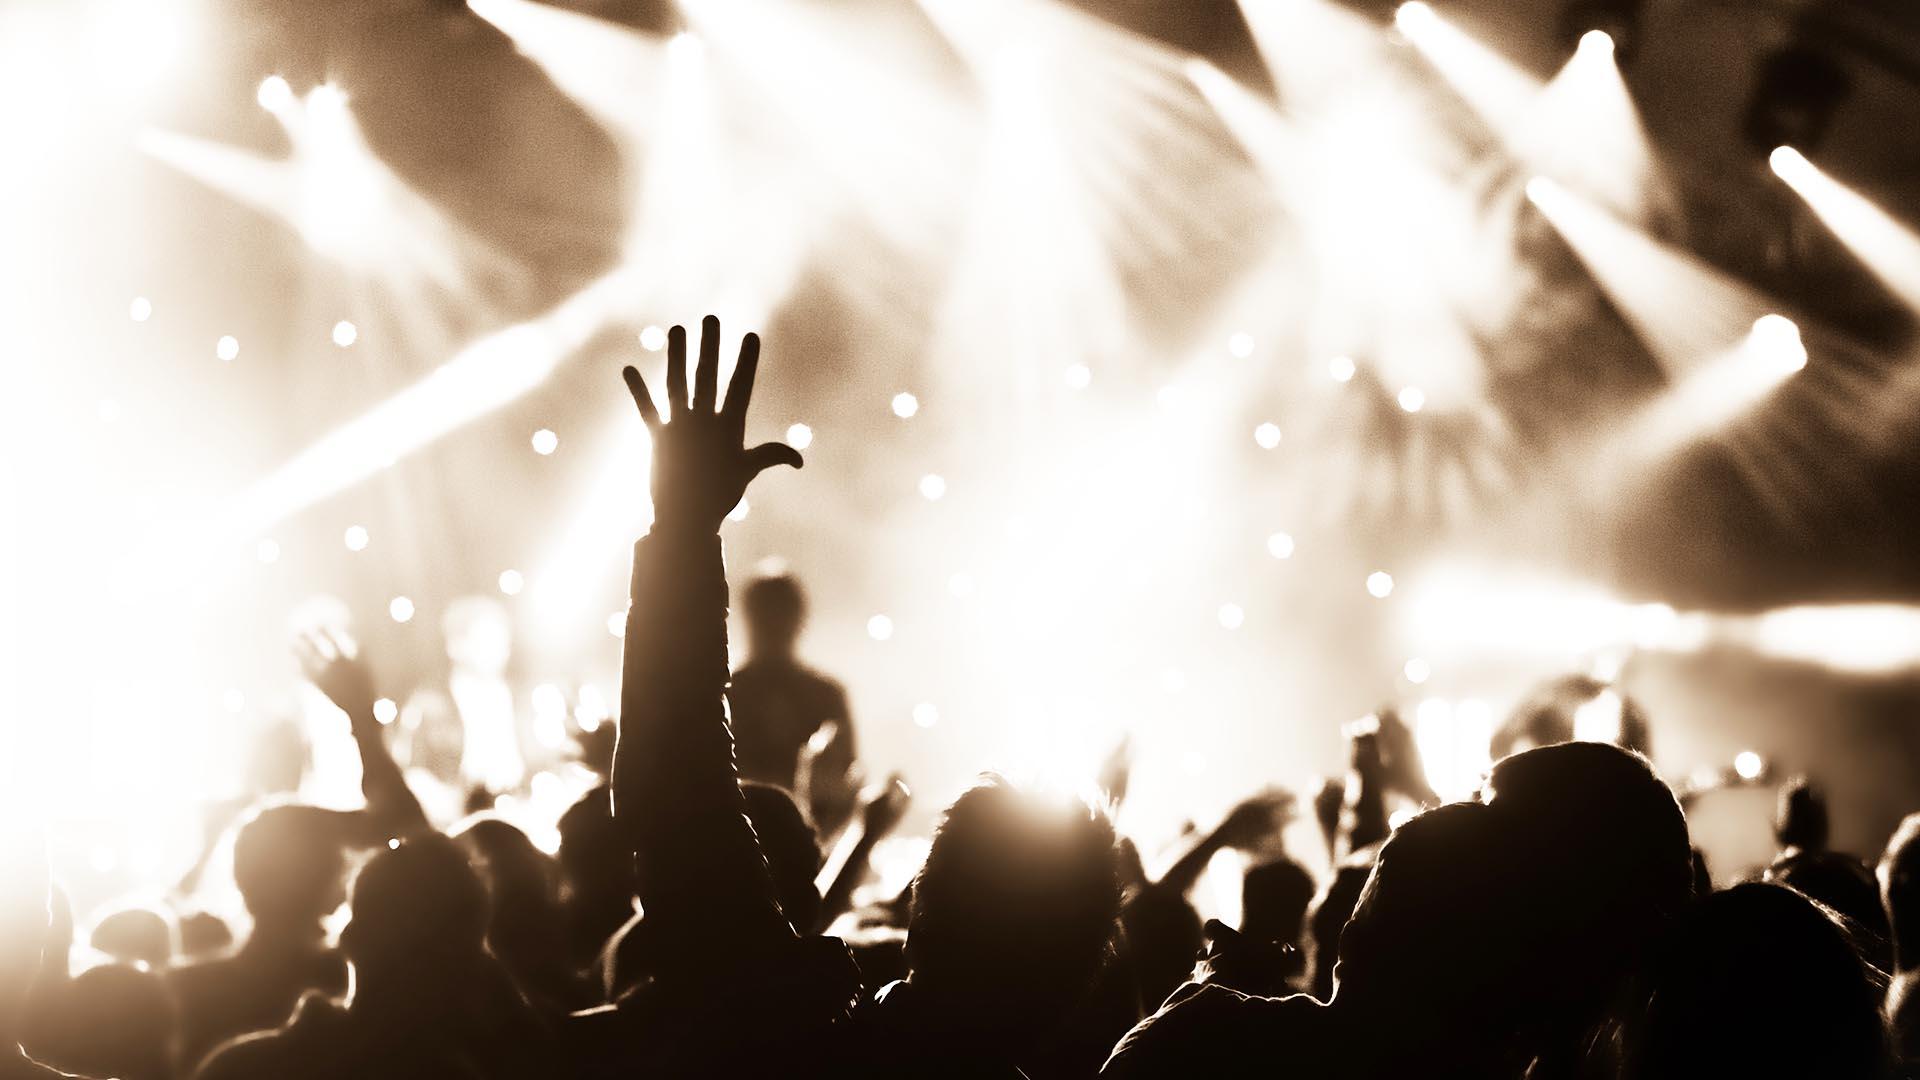 Wann benötigt man einen Veranstaltungsschutz?